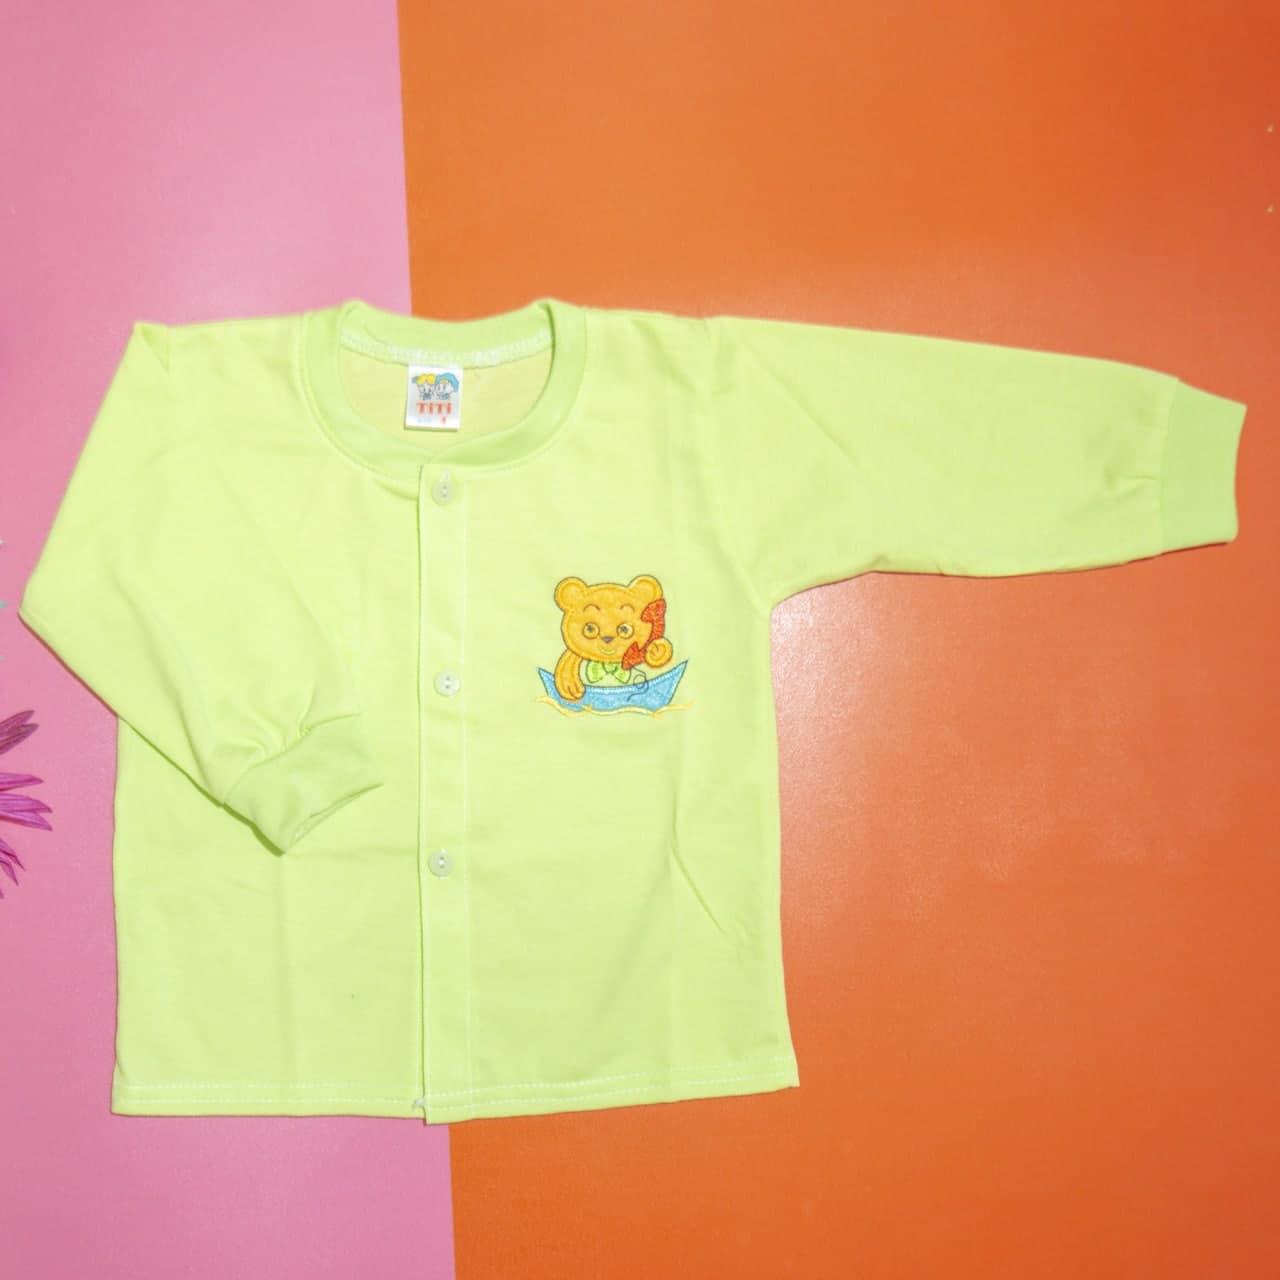 Bộ quần áo tay dài trẻ sơ sinh TiTi mèo con (5 màu)